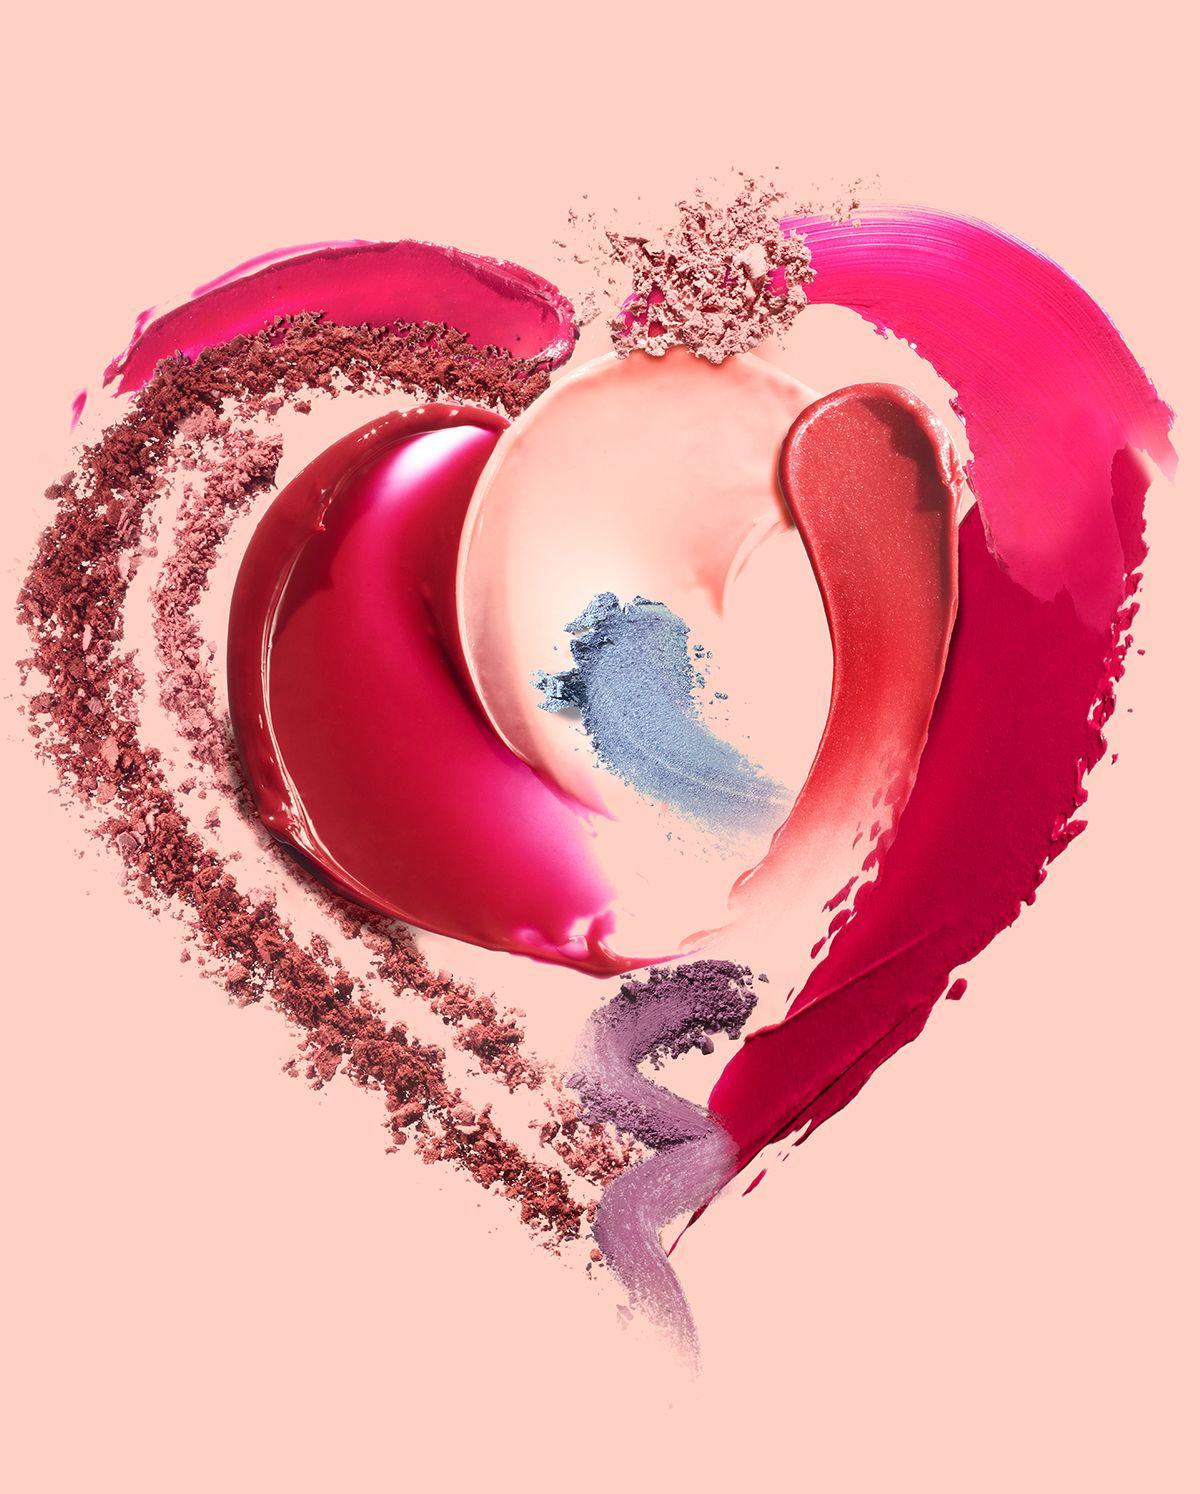 heart_017.jpg